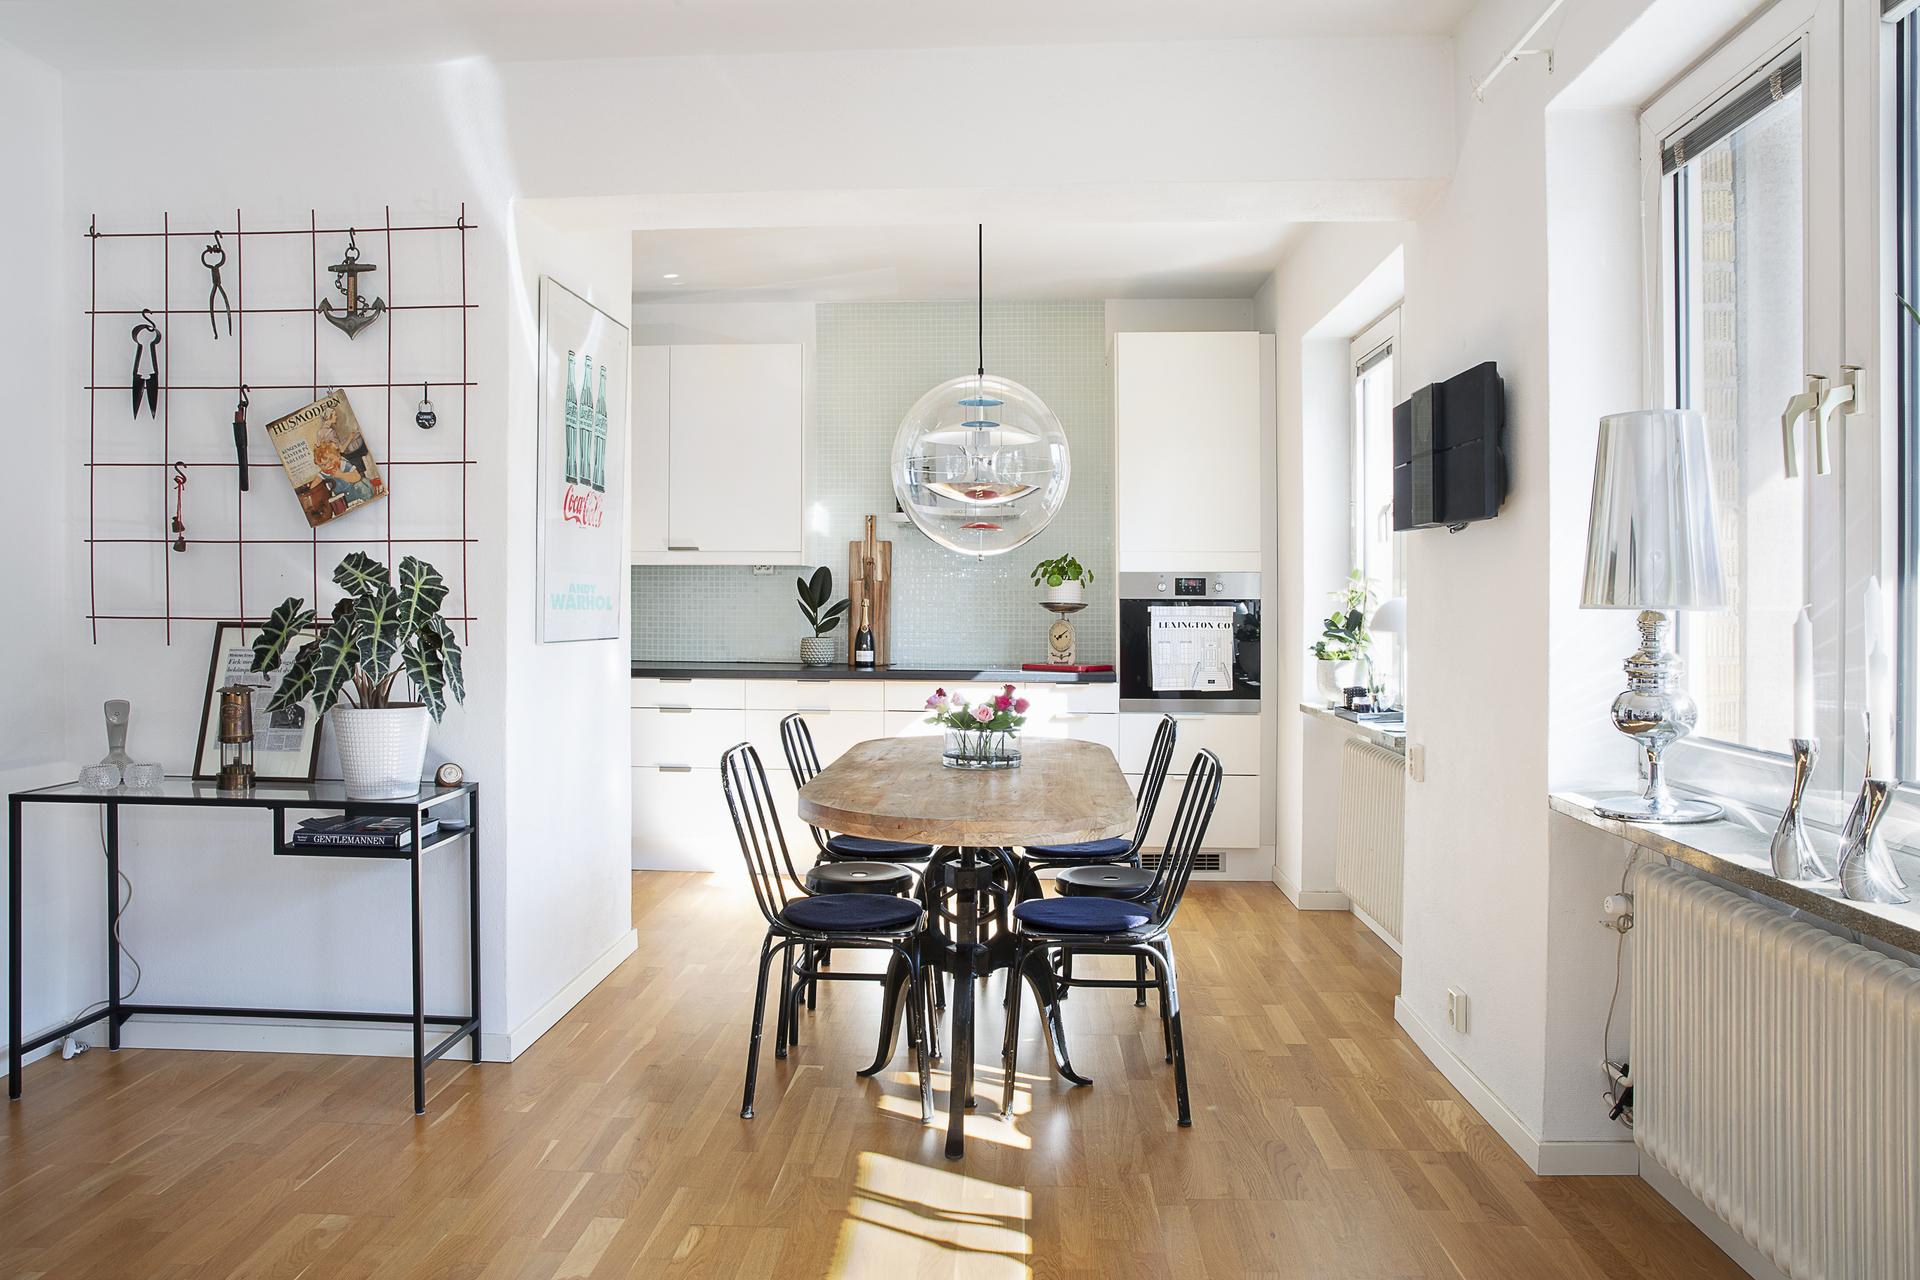 Matplatsen strålar av ljus ifrån fönster i kök och vardagsrum